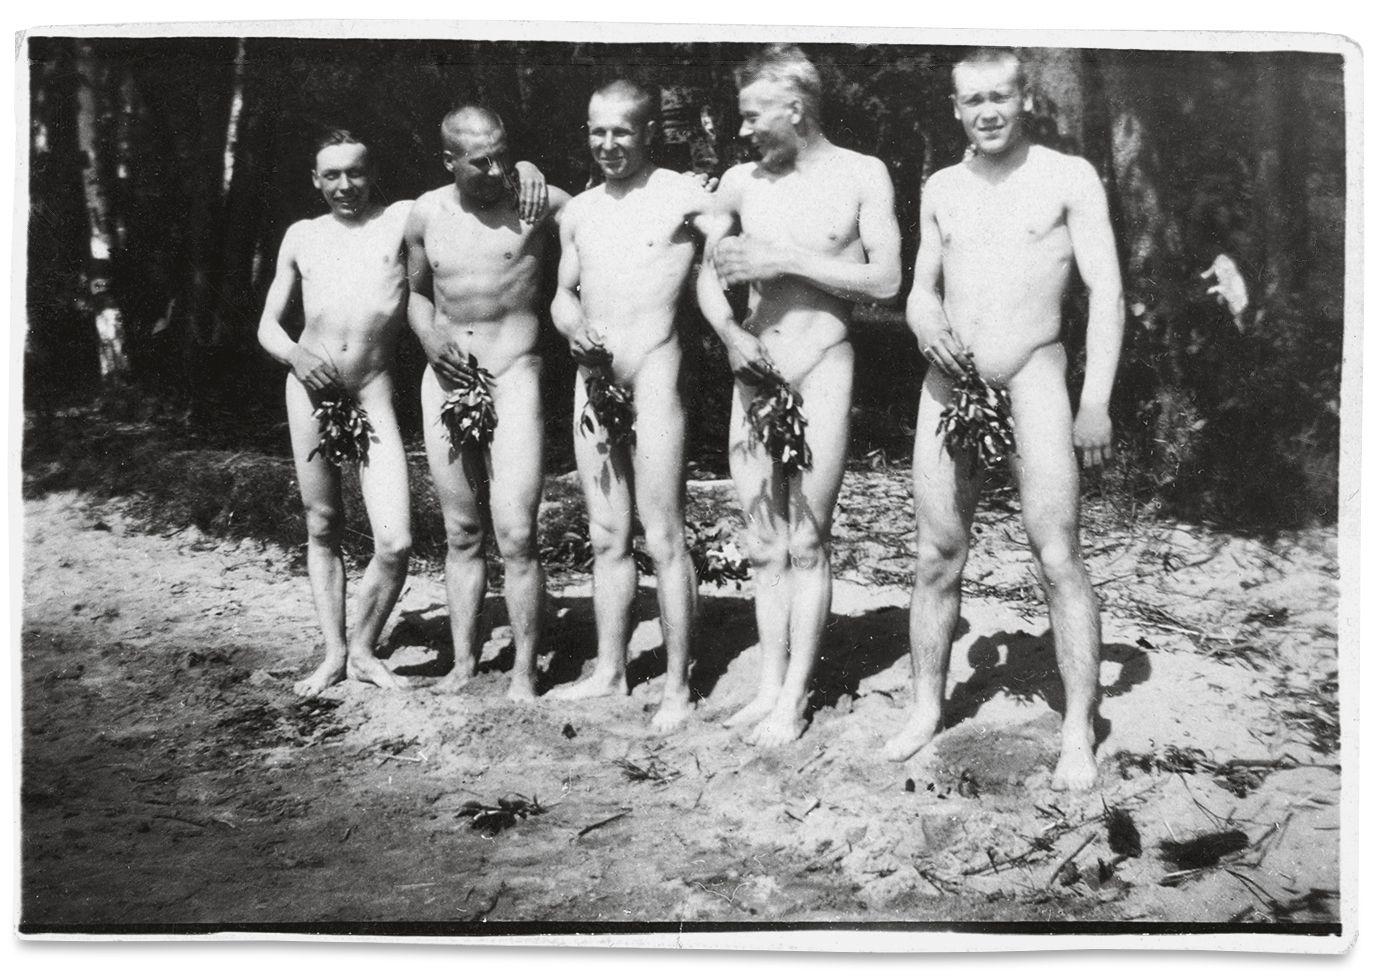 nur ihre unterhosen nackt ausgesetzt